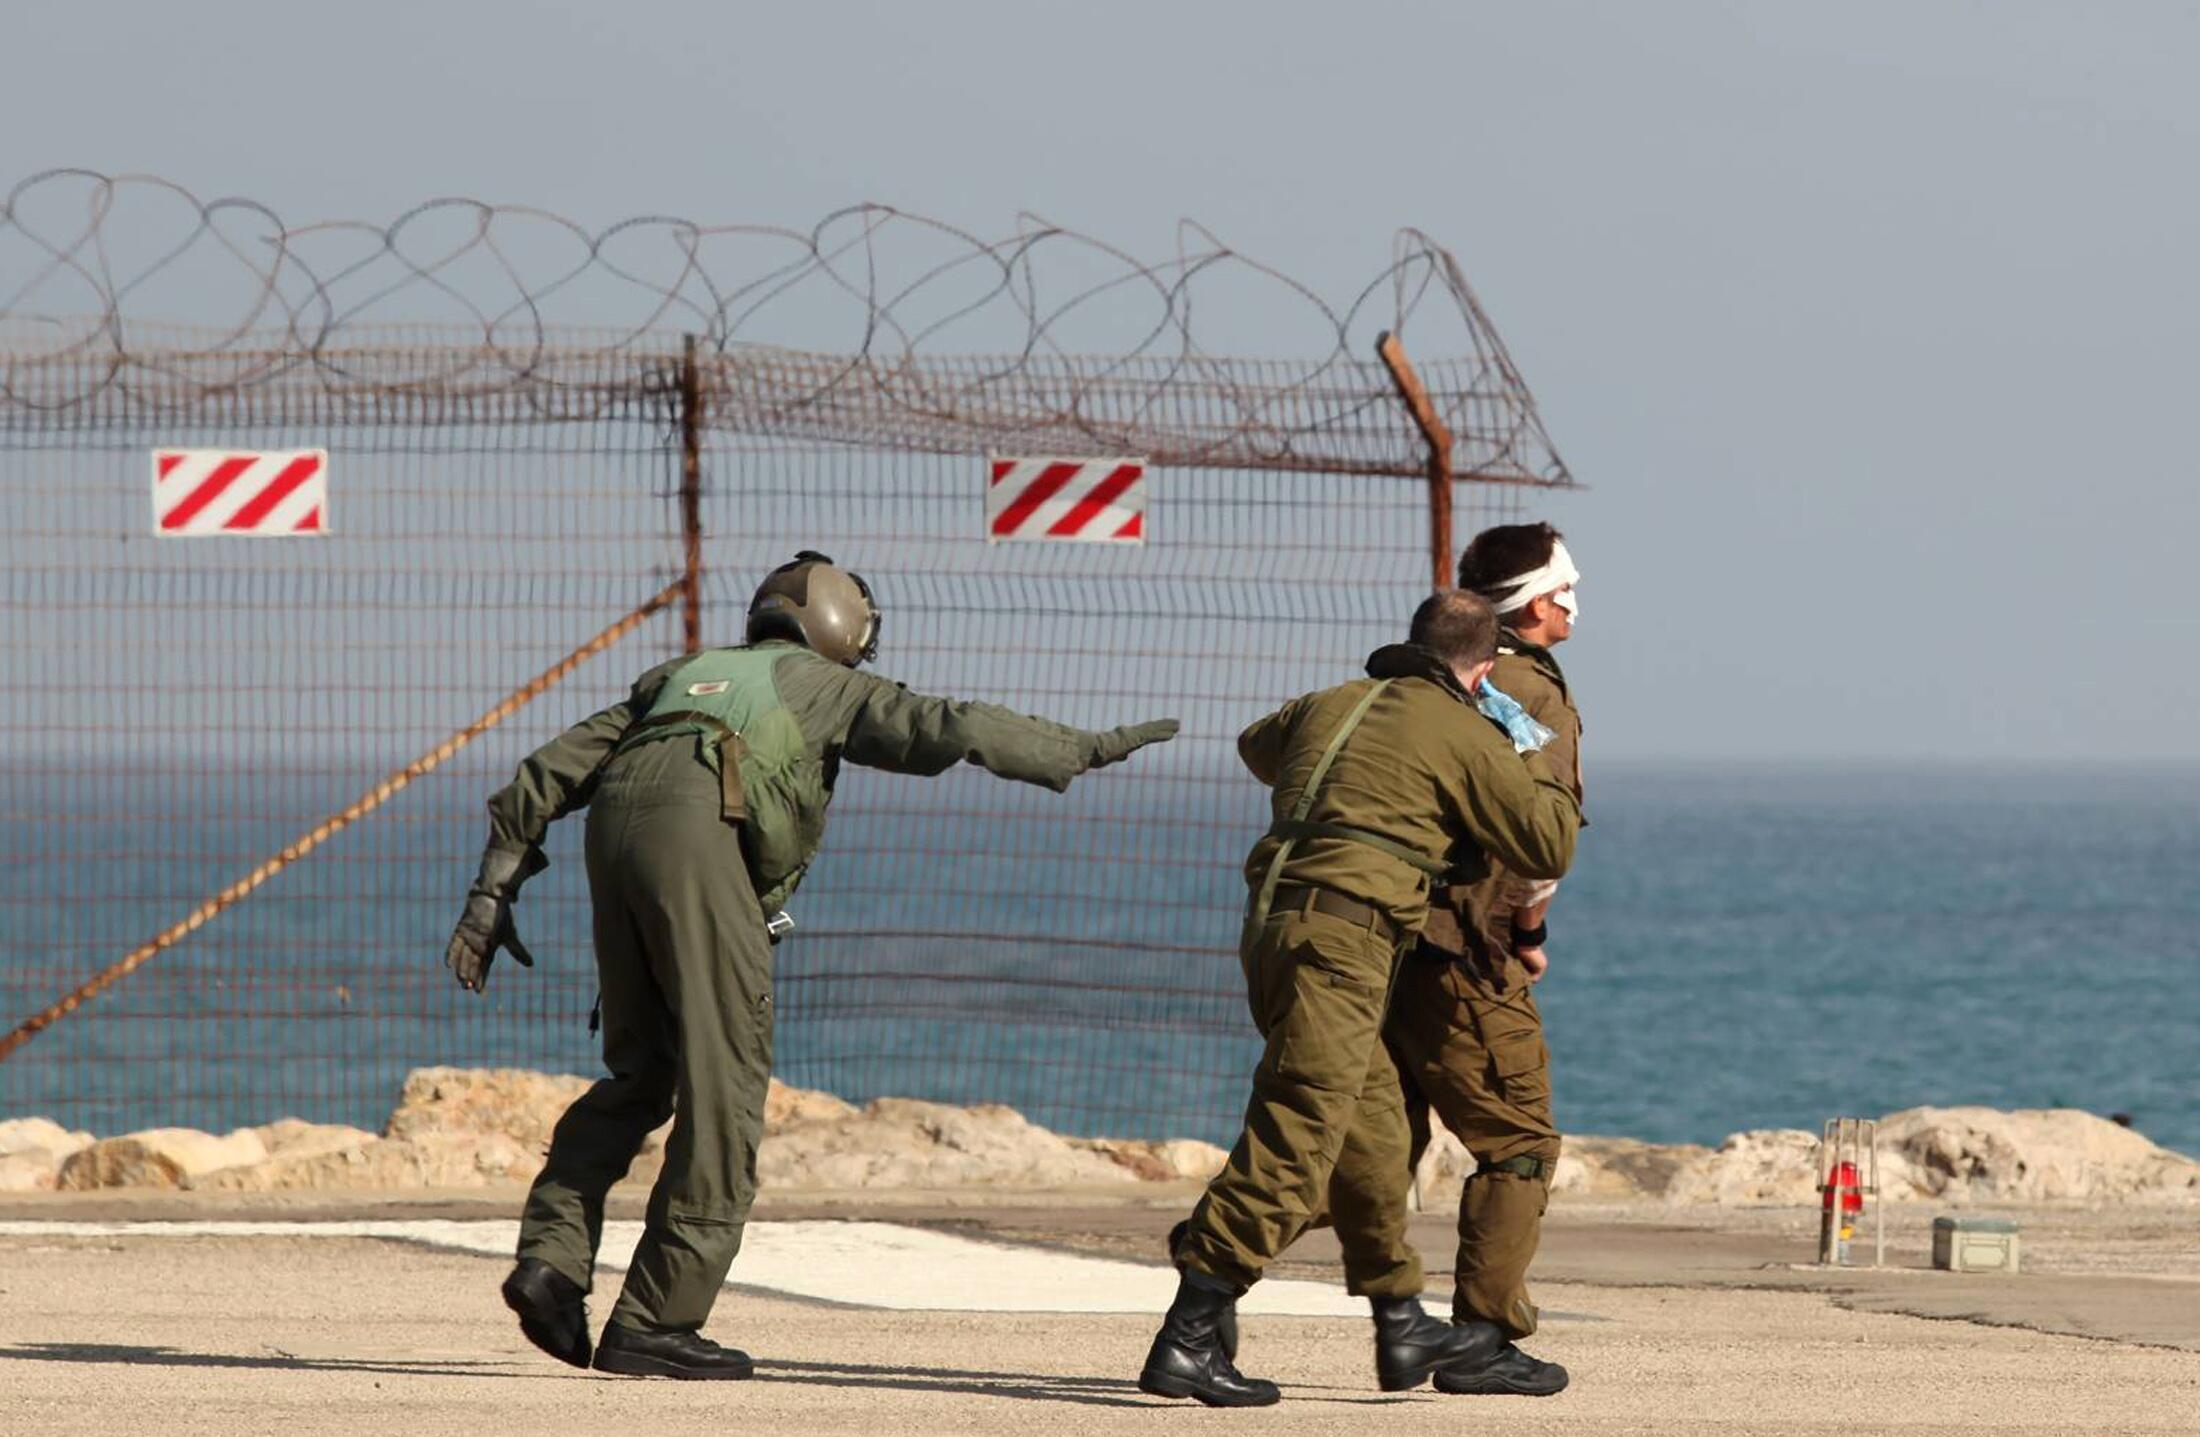 Солдаты израильской армии эвакуируют своего раненого товарища в госпиталь